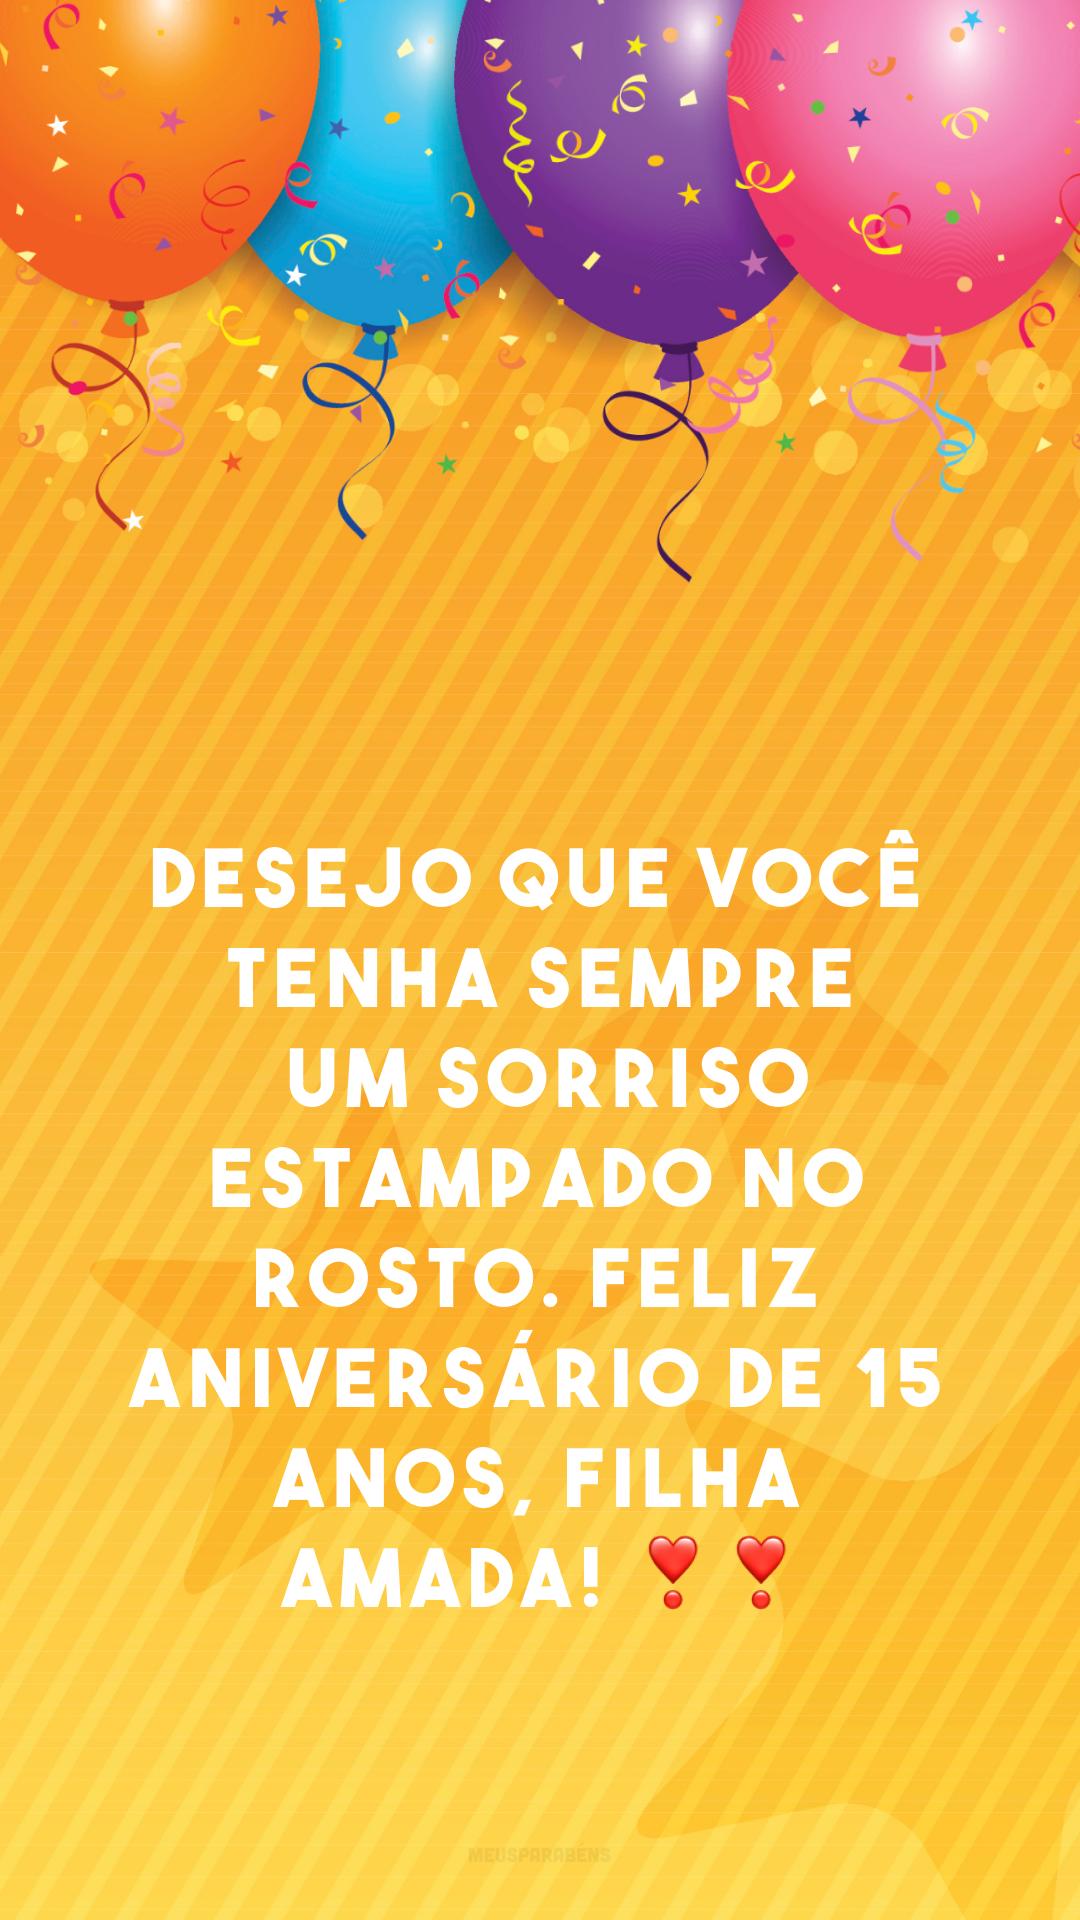 Desejo que você tenha sempre um sorriso estampado no rosto. Feliz aniversário de 15 anos, filha amada! ❣❣